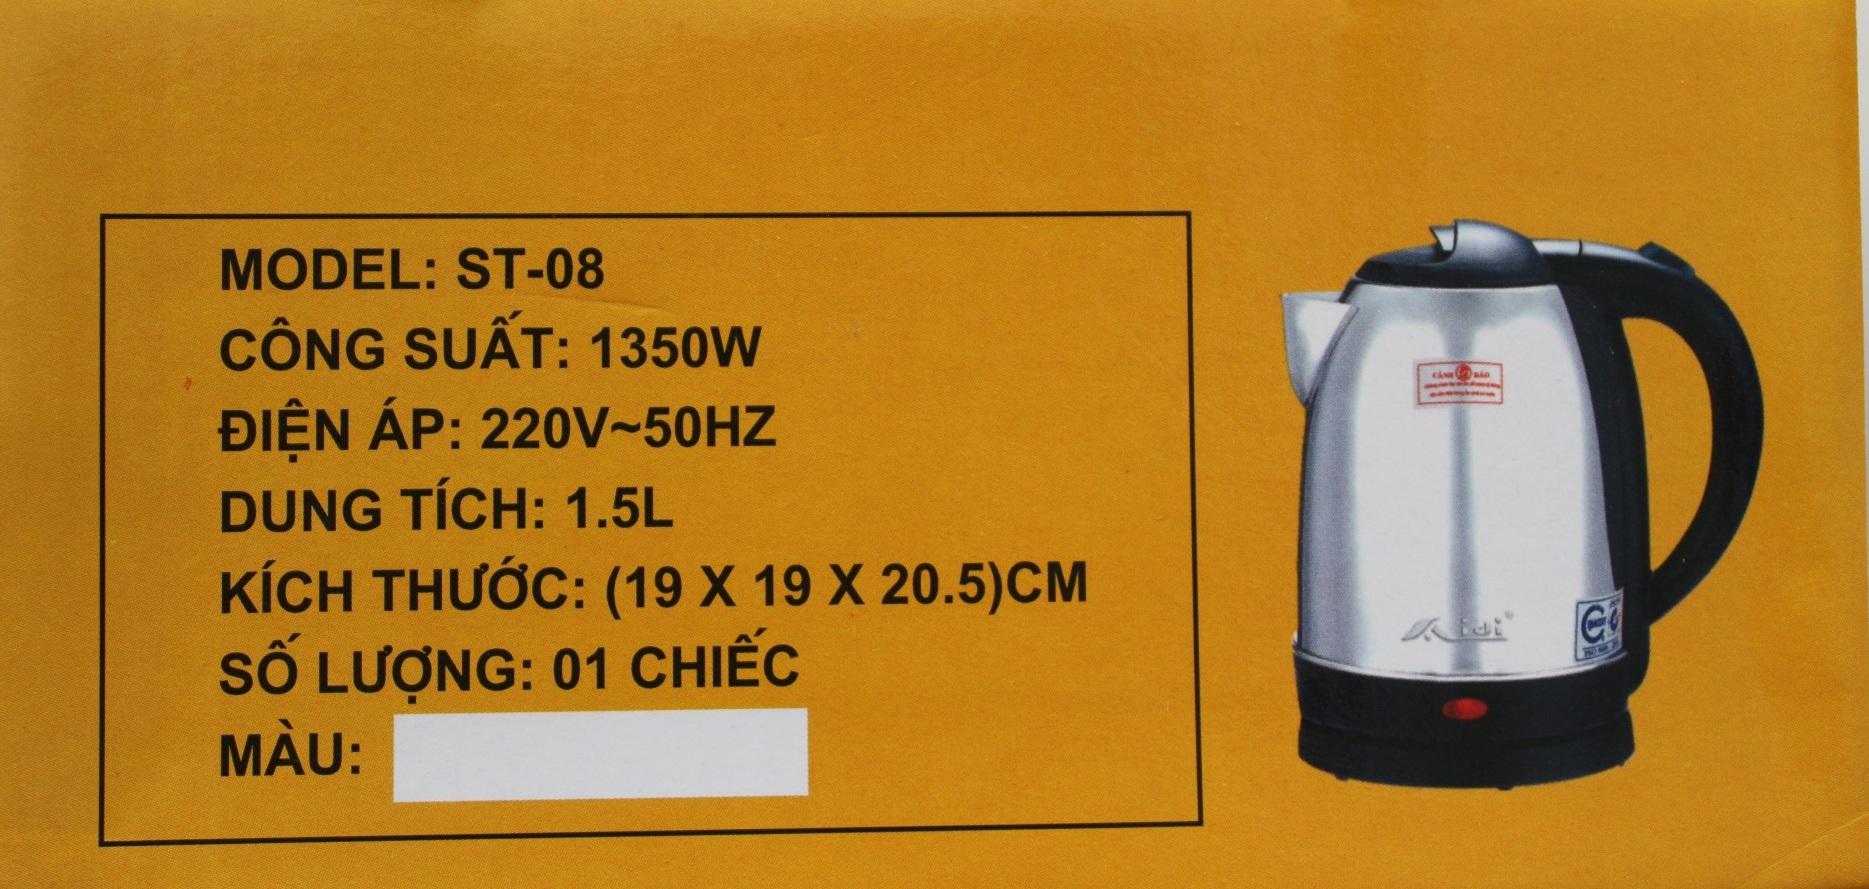 Ấm điện siêu tốc Aidi 304 ST-08 (1.5 lít) - Màu Ngẫu Nhiên - Hàng Chính Hãng